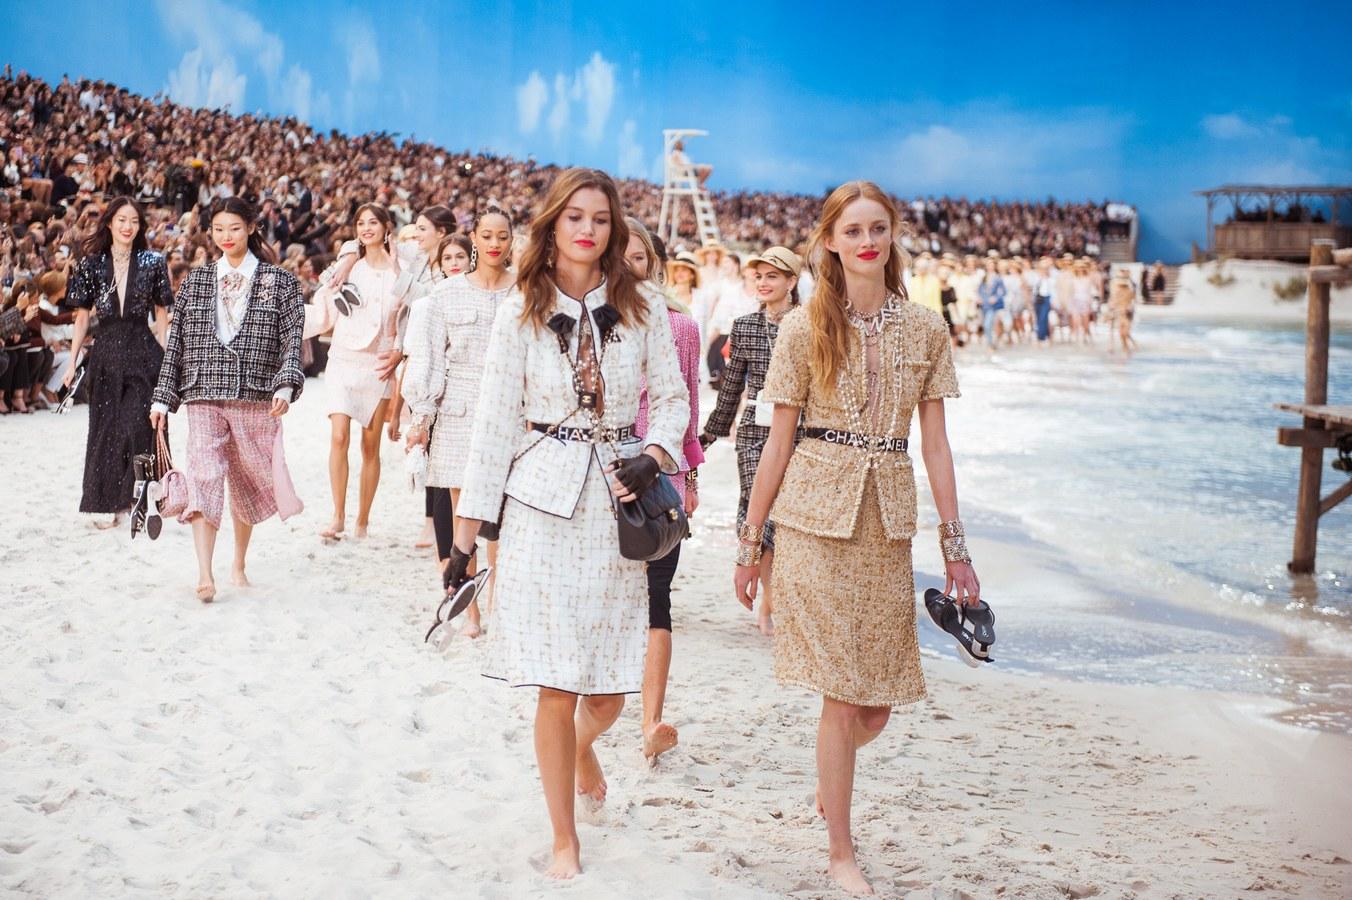 Ngắm sàn diễn ngoài biển đẹp như mơ của Chanel